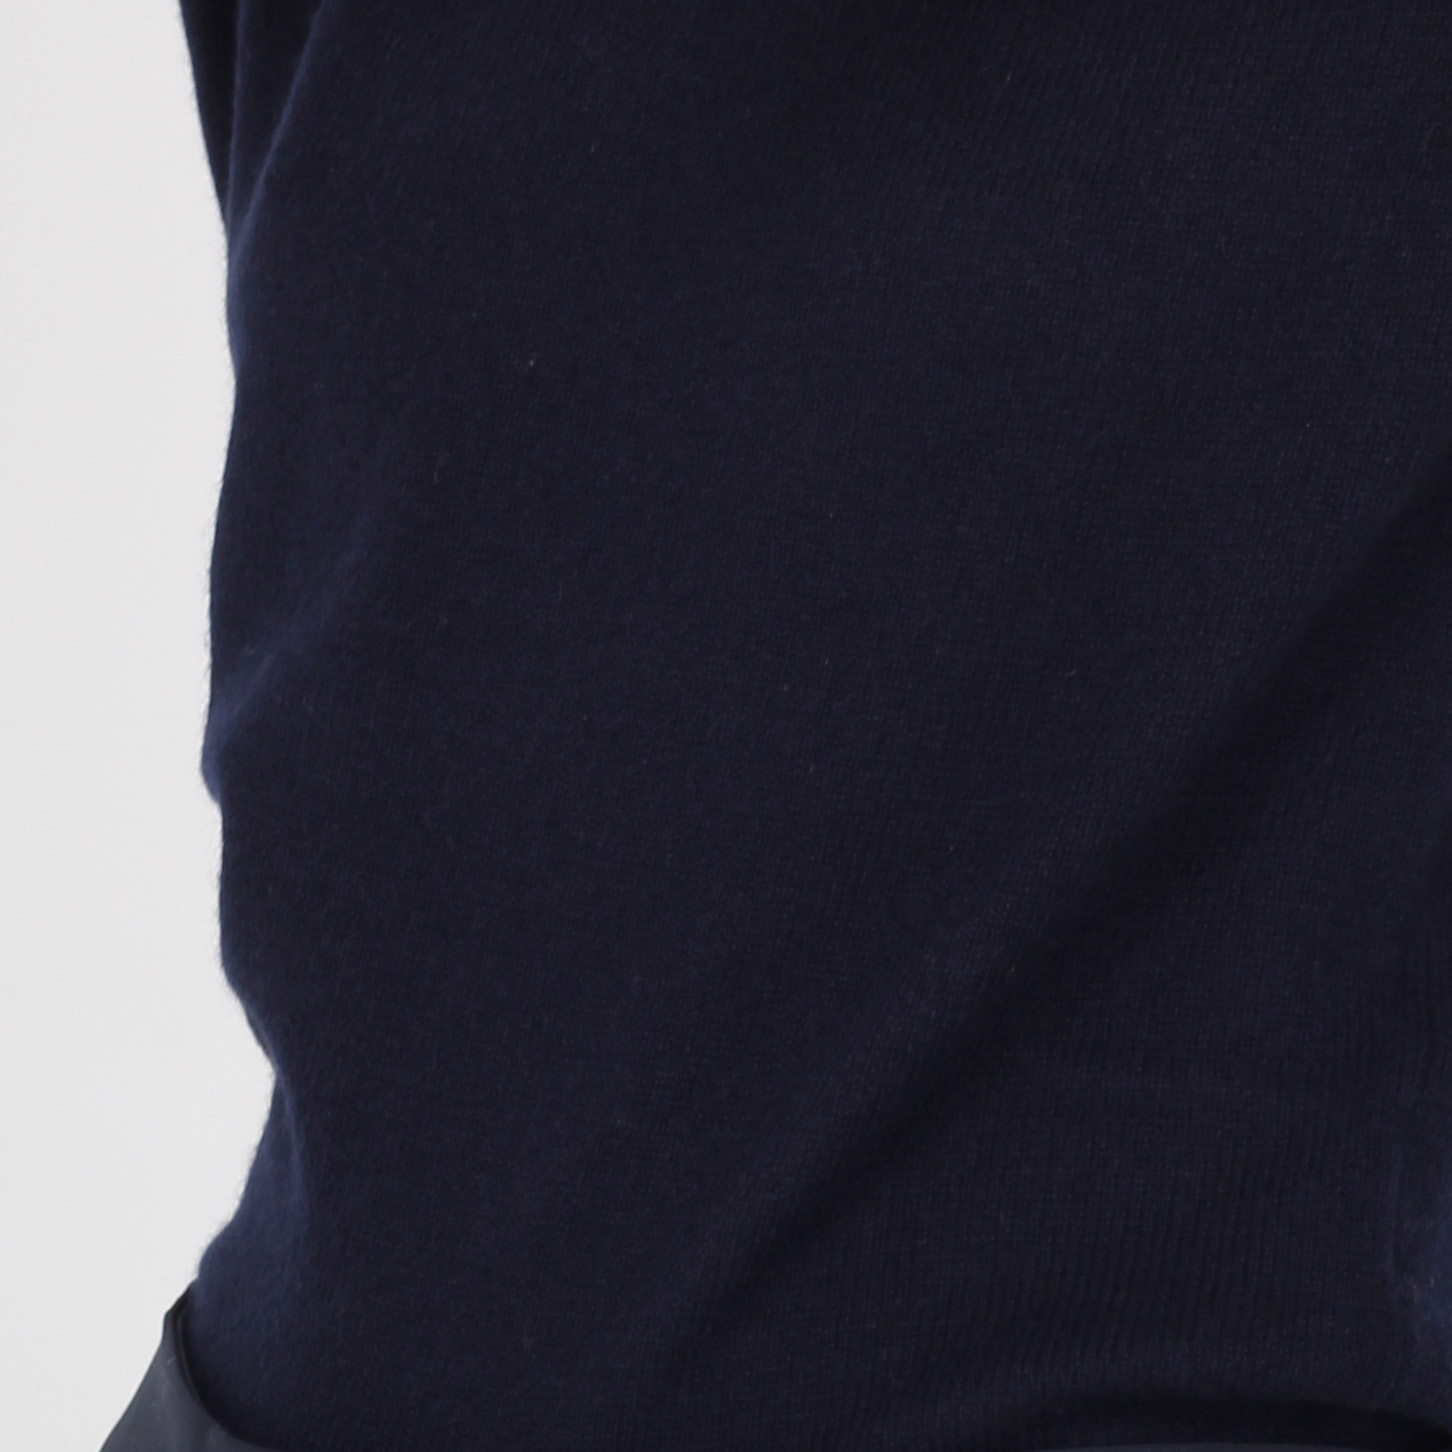 Кашемировый джемпер Emporio Armani с брендовой вышивкой